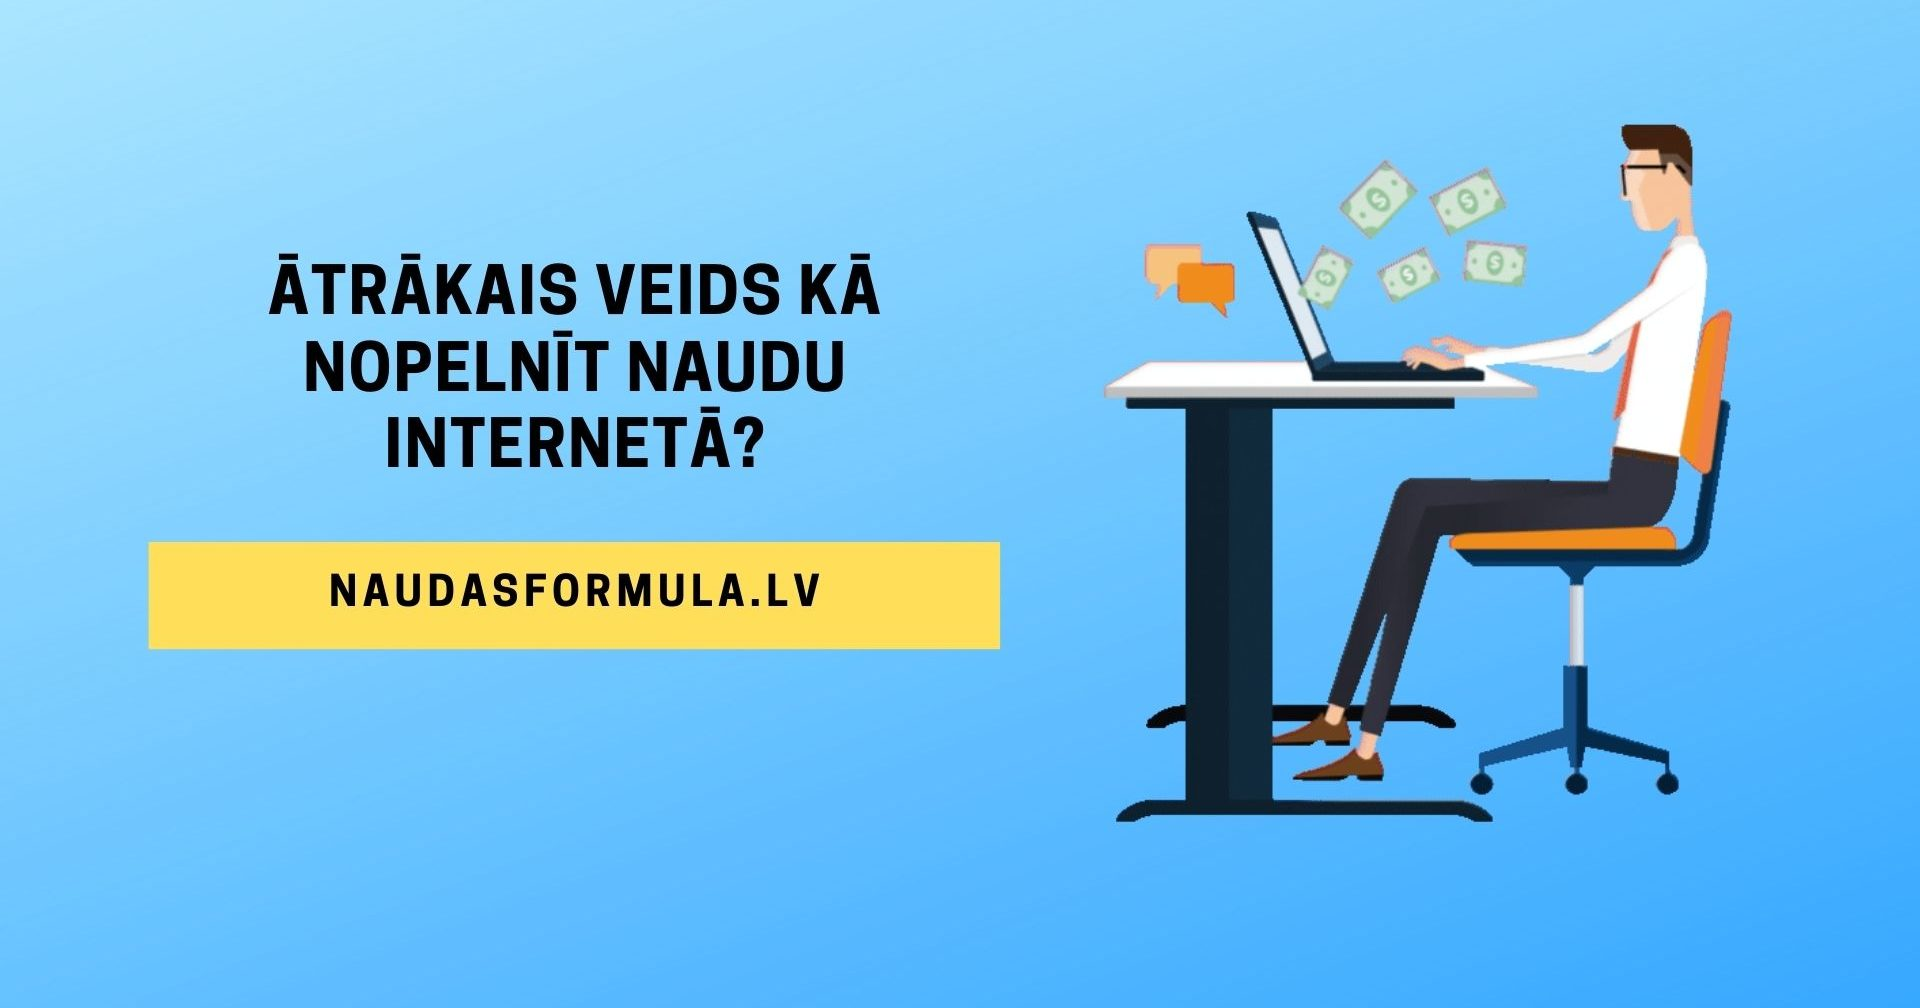 darbs internetā bez ieguldījumiem 45)